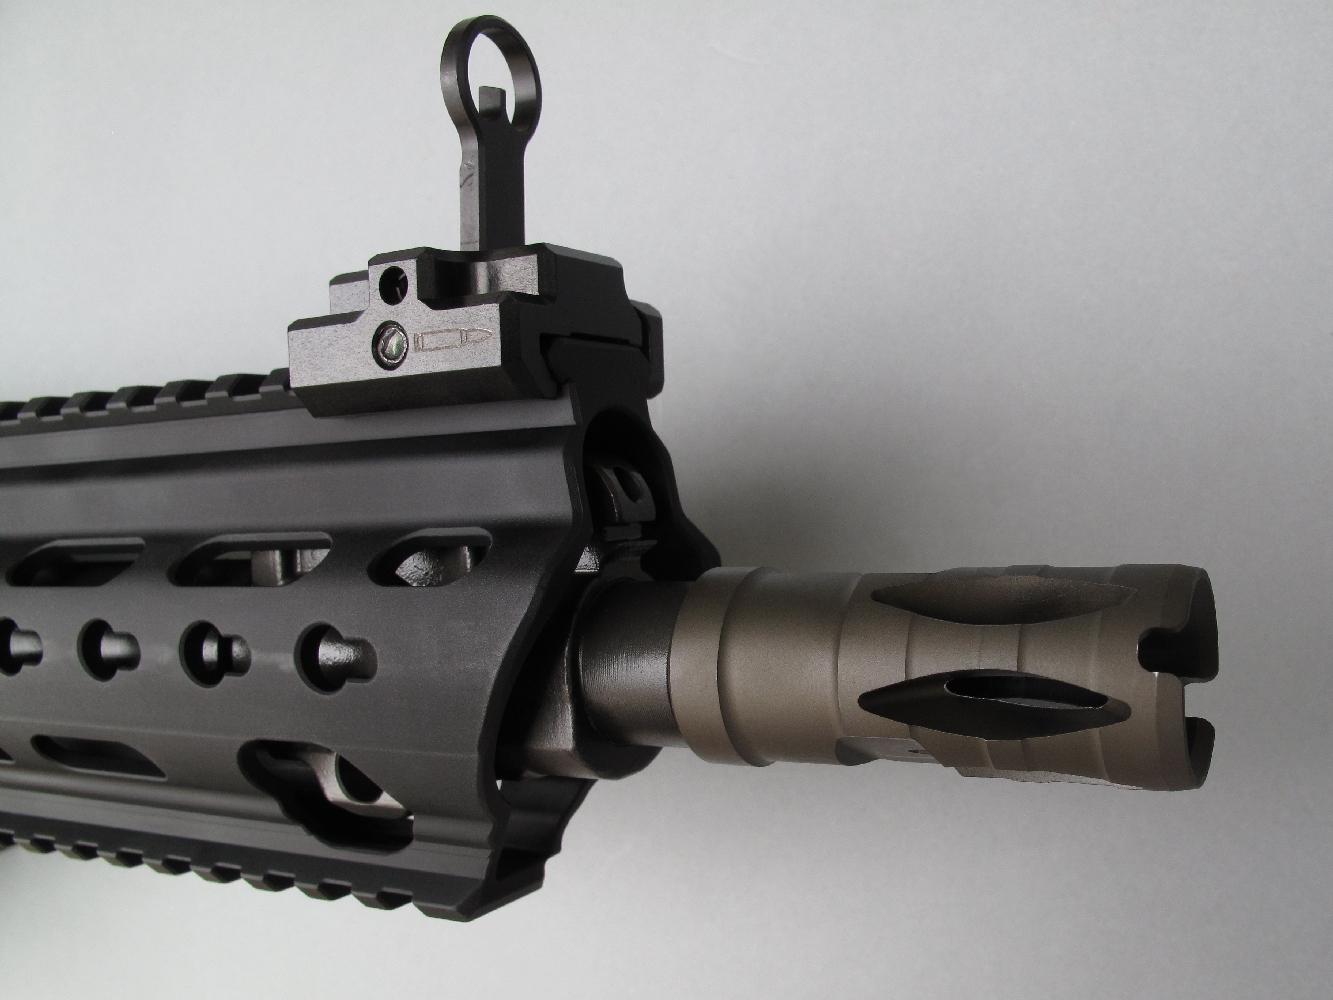 Cette arme est équipée d'un robuste cache flamme (Bird Cage) en acier, vissé à la bouche du canon.